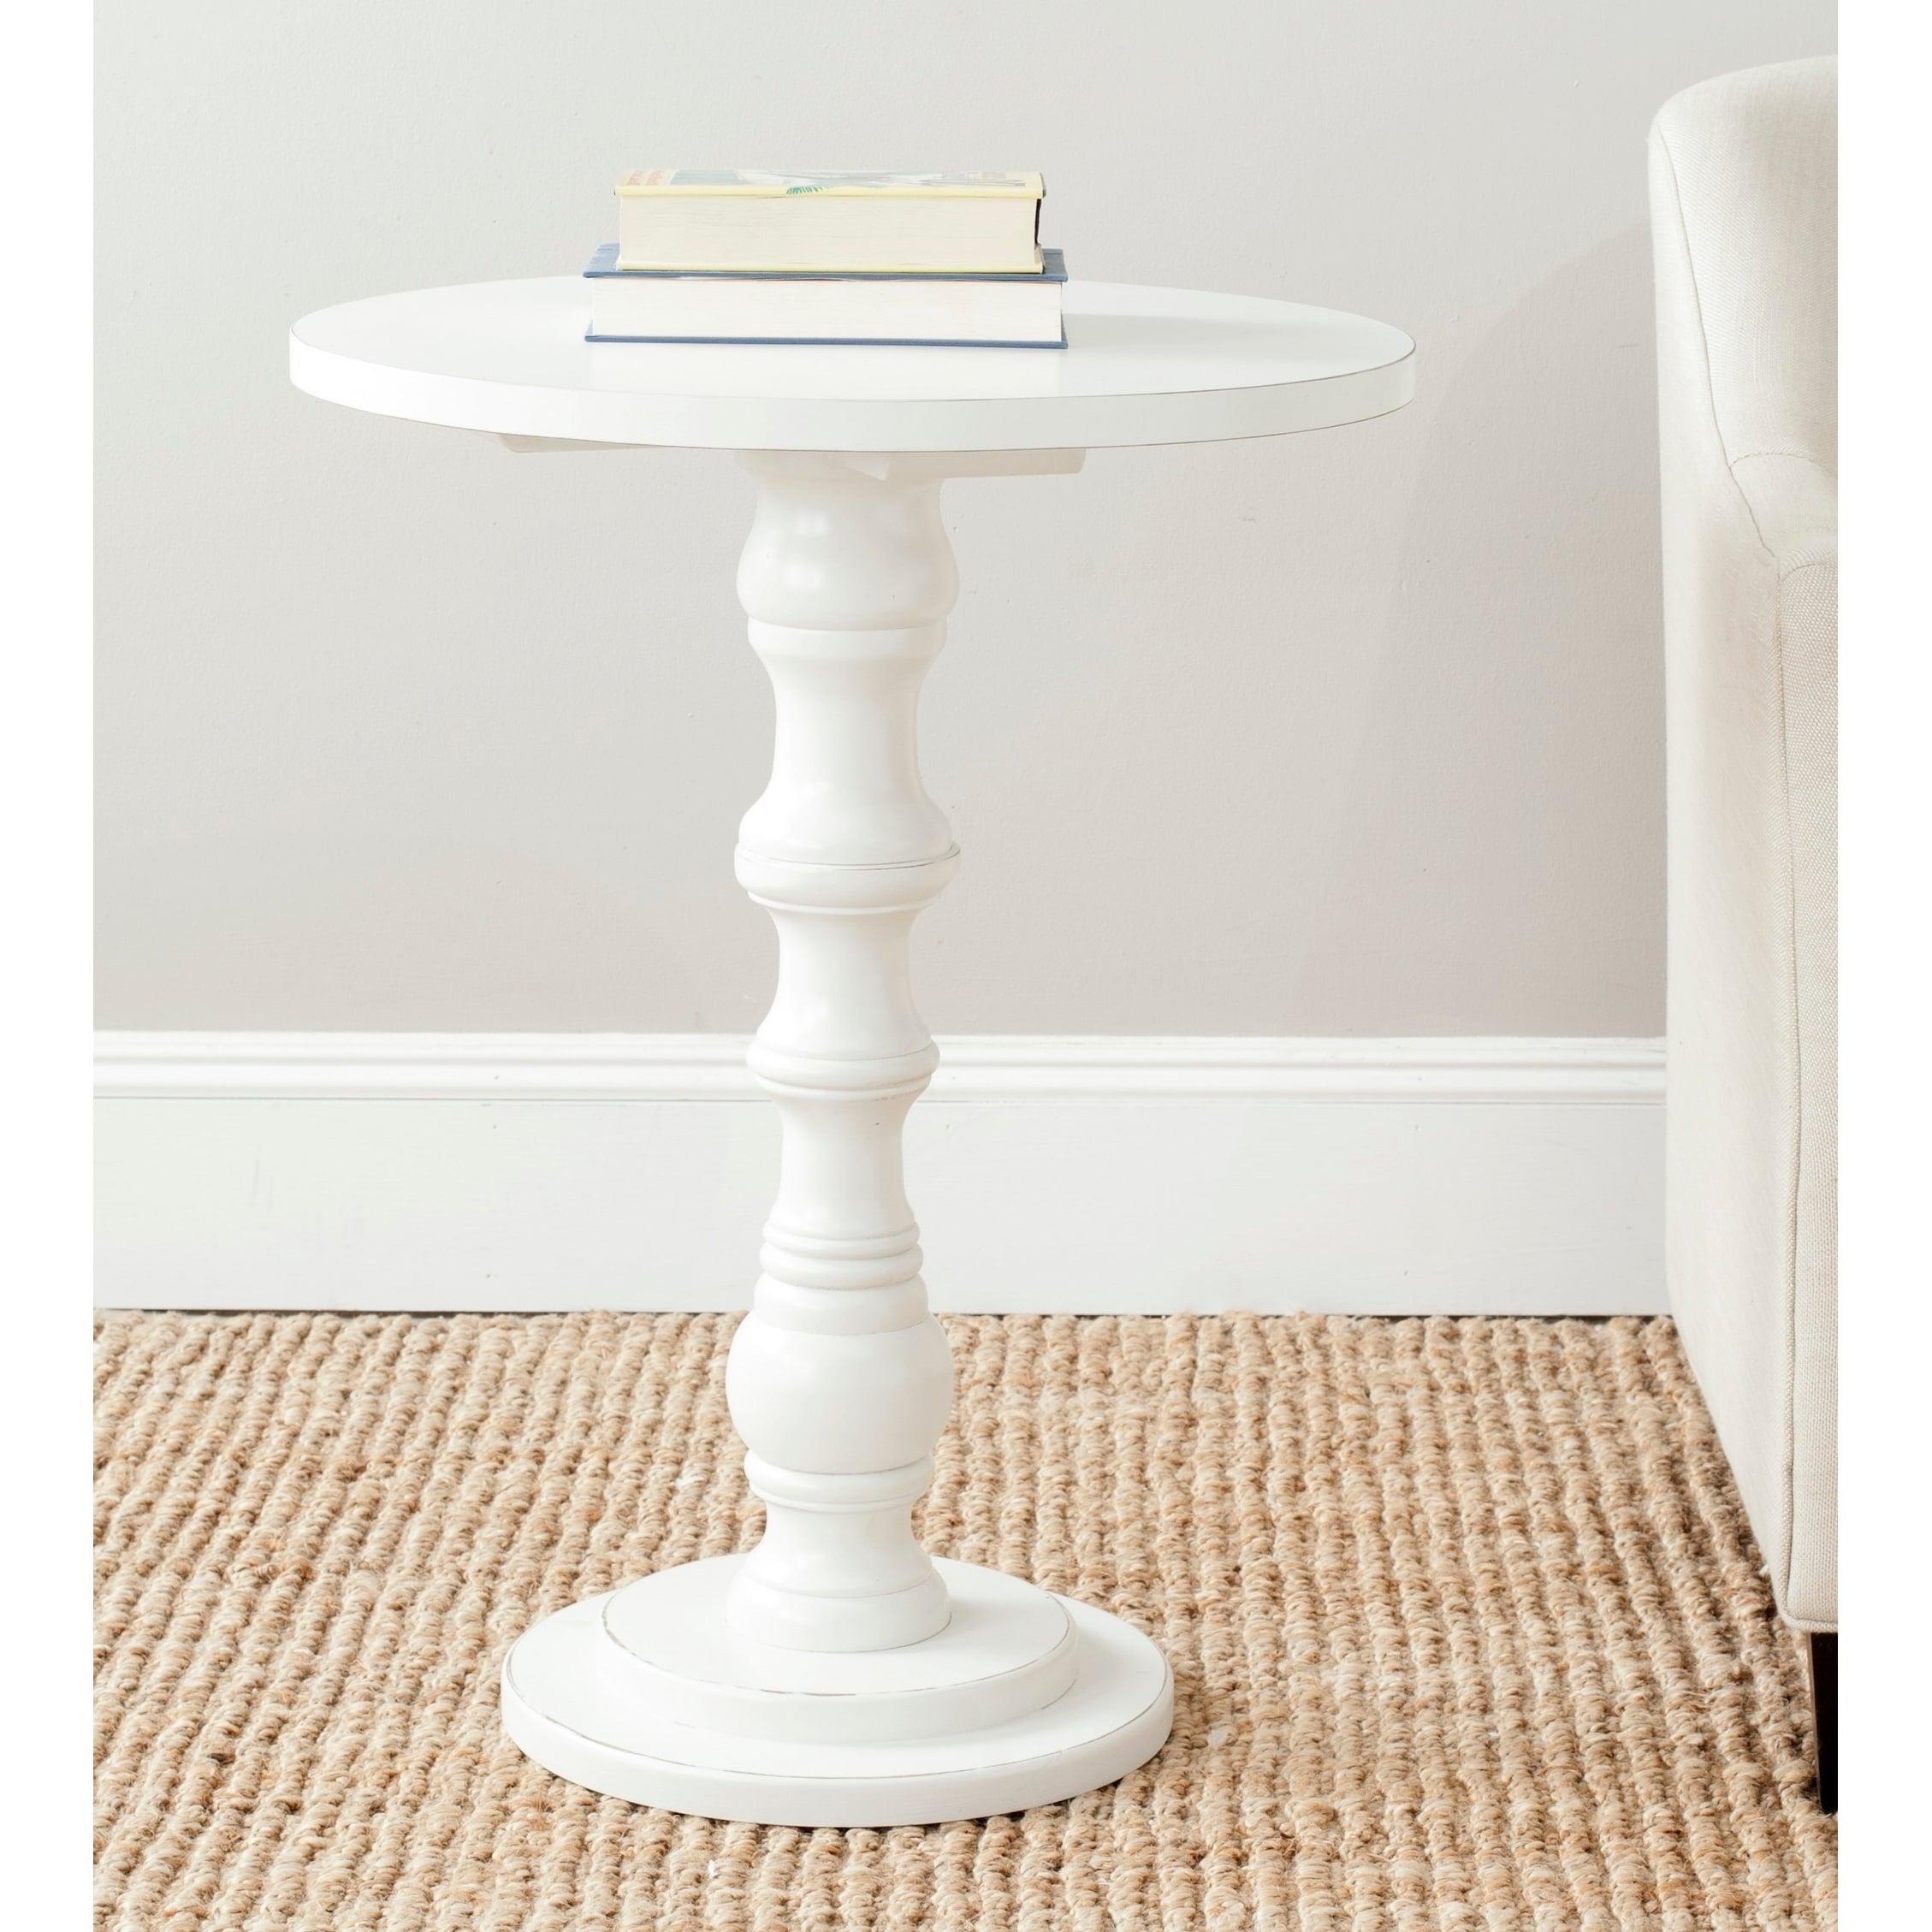 - Shop Safavieh Greta Off White Accent Table - 22